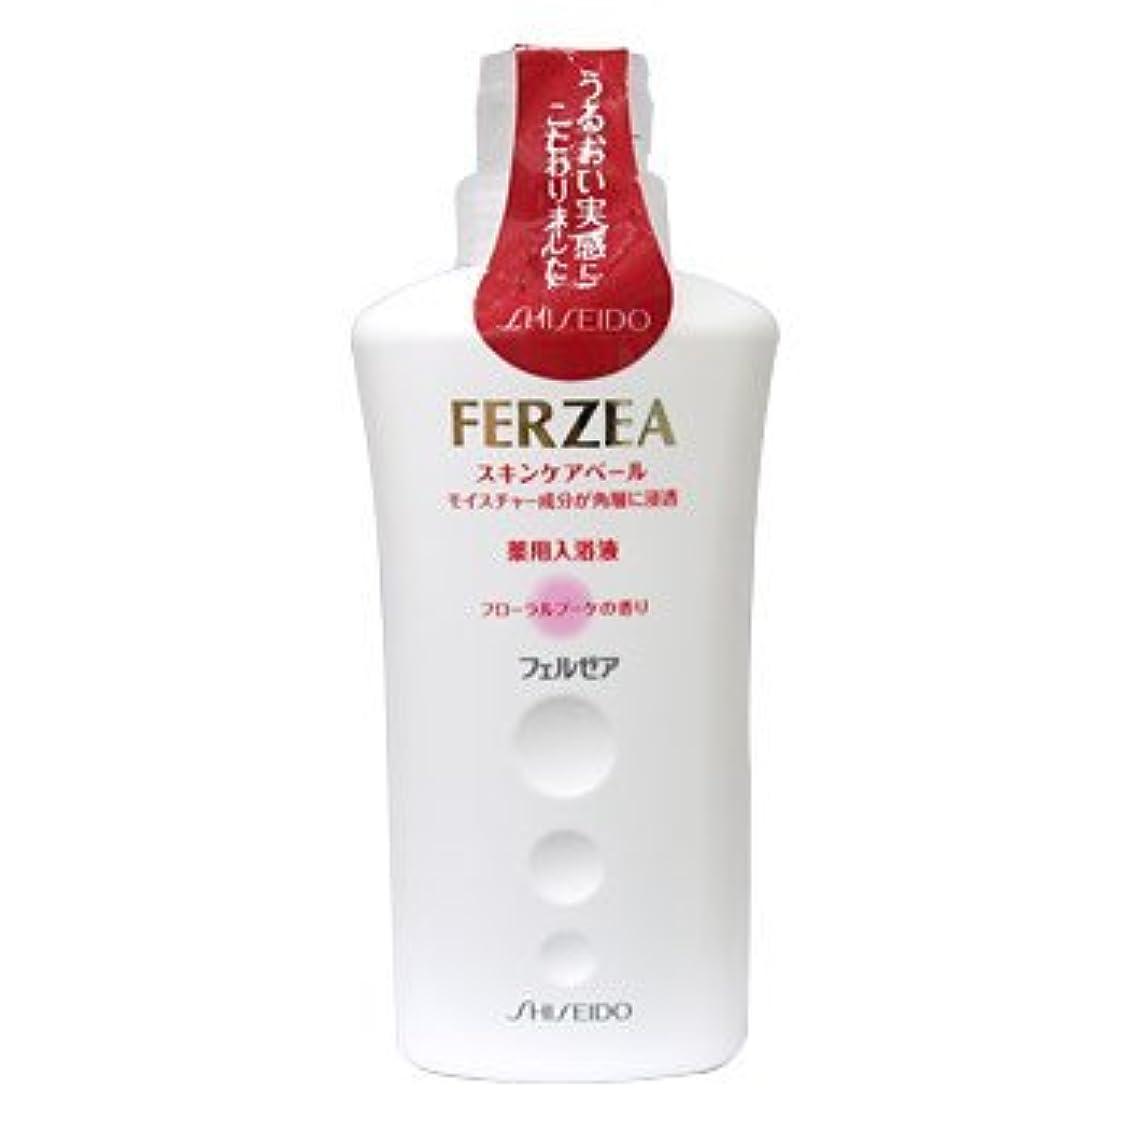 議題の頭の上一フェルゼア薬用スキンケア入浴液F 600ml